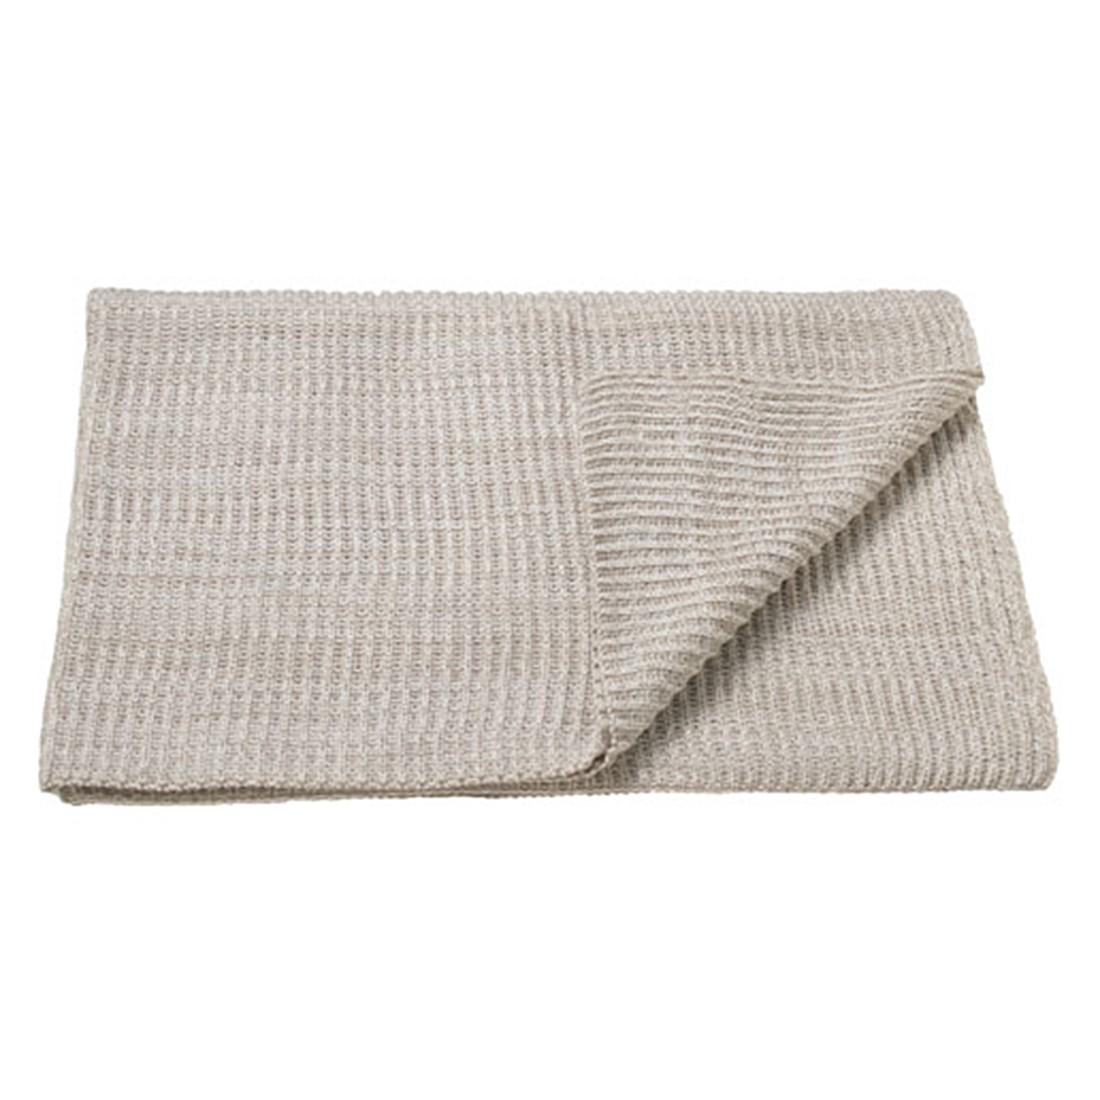 Wohndecke Knit – Natur, Schöner Wohnen Kollektion online bestellen